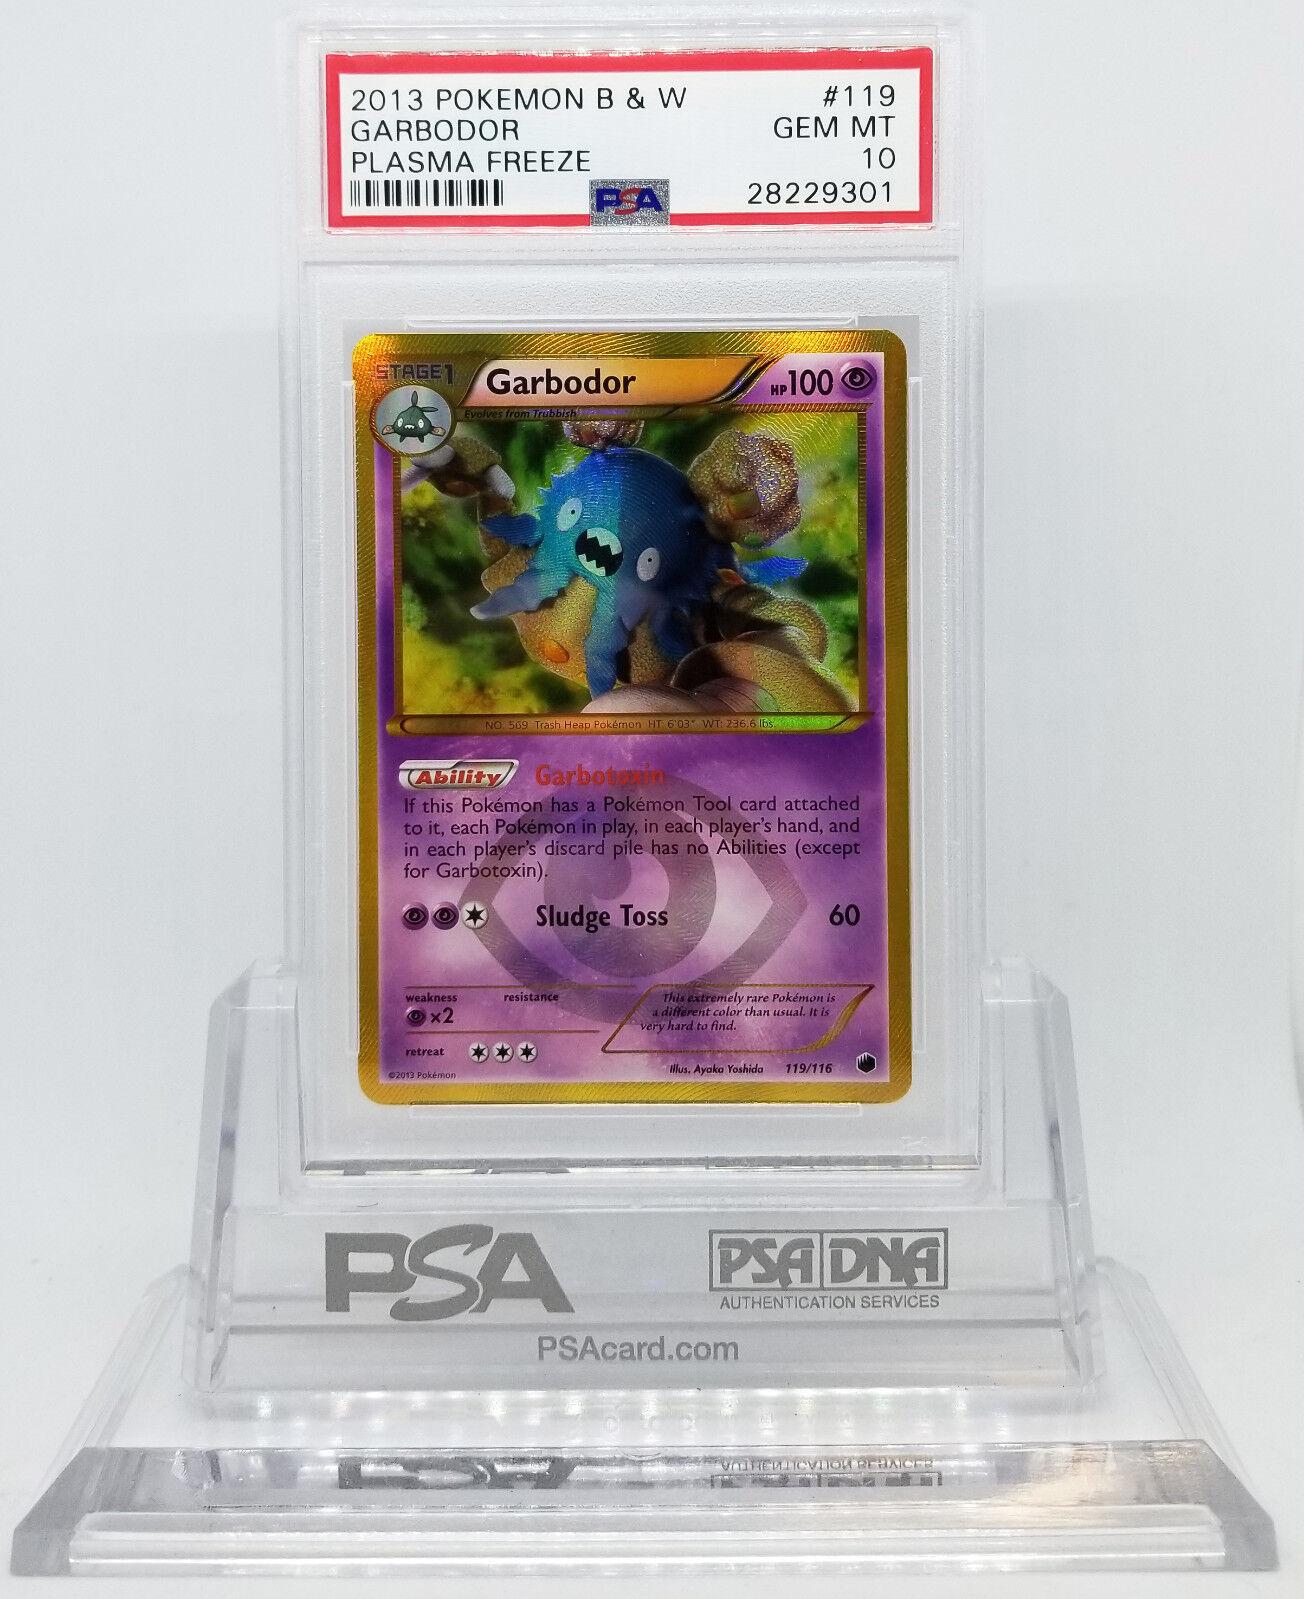 Pokemon Negro Y Blanco FREEZE GARBODOR 119 rara secreta PLASMA PROFESIONAL autenticador de deportes 10 Gema menta 28221